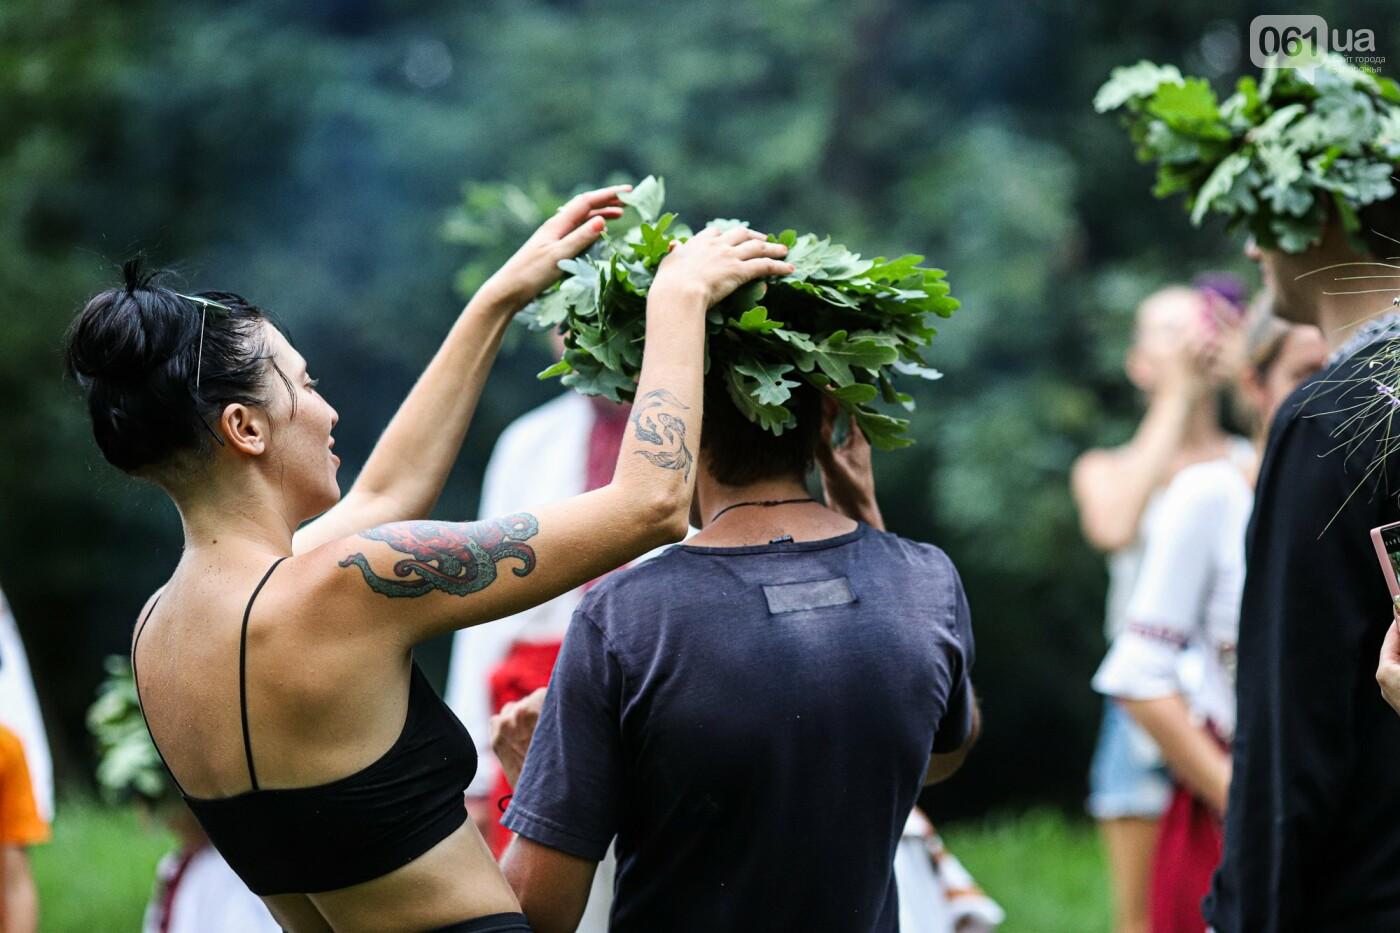 Огонь и дубовые венки: как на Хортице отметили праздник Перуна, - ФОТОРЕПОРТАЖ, фото-34